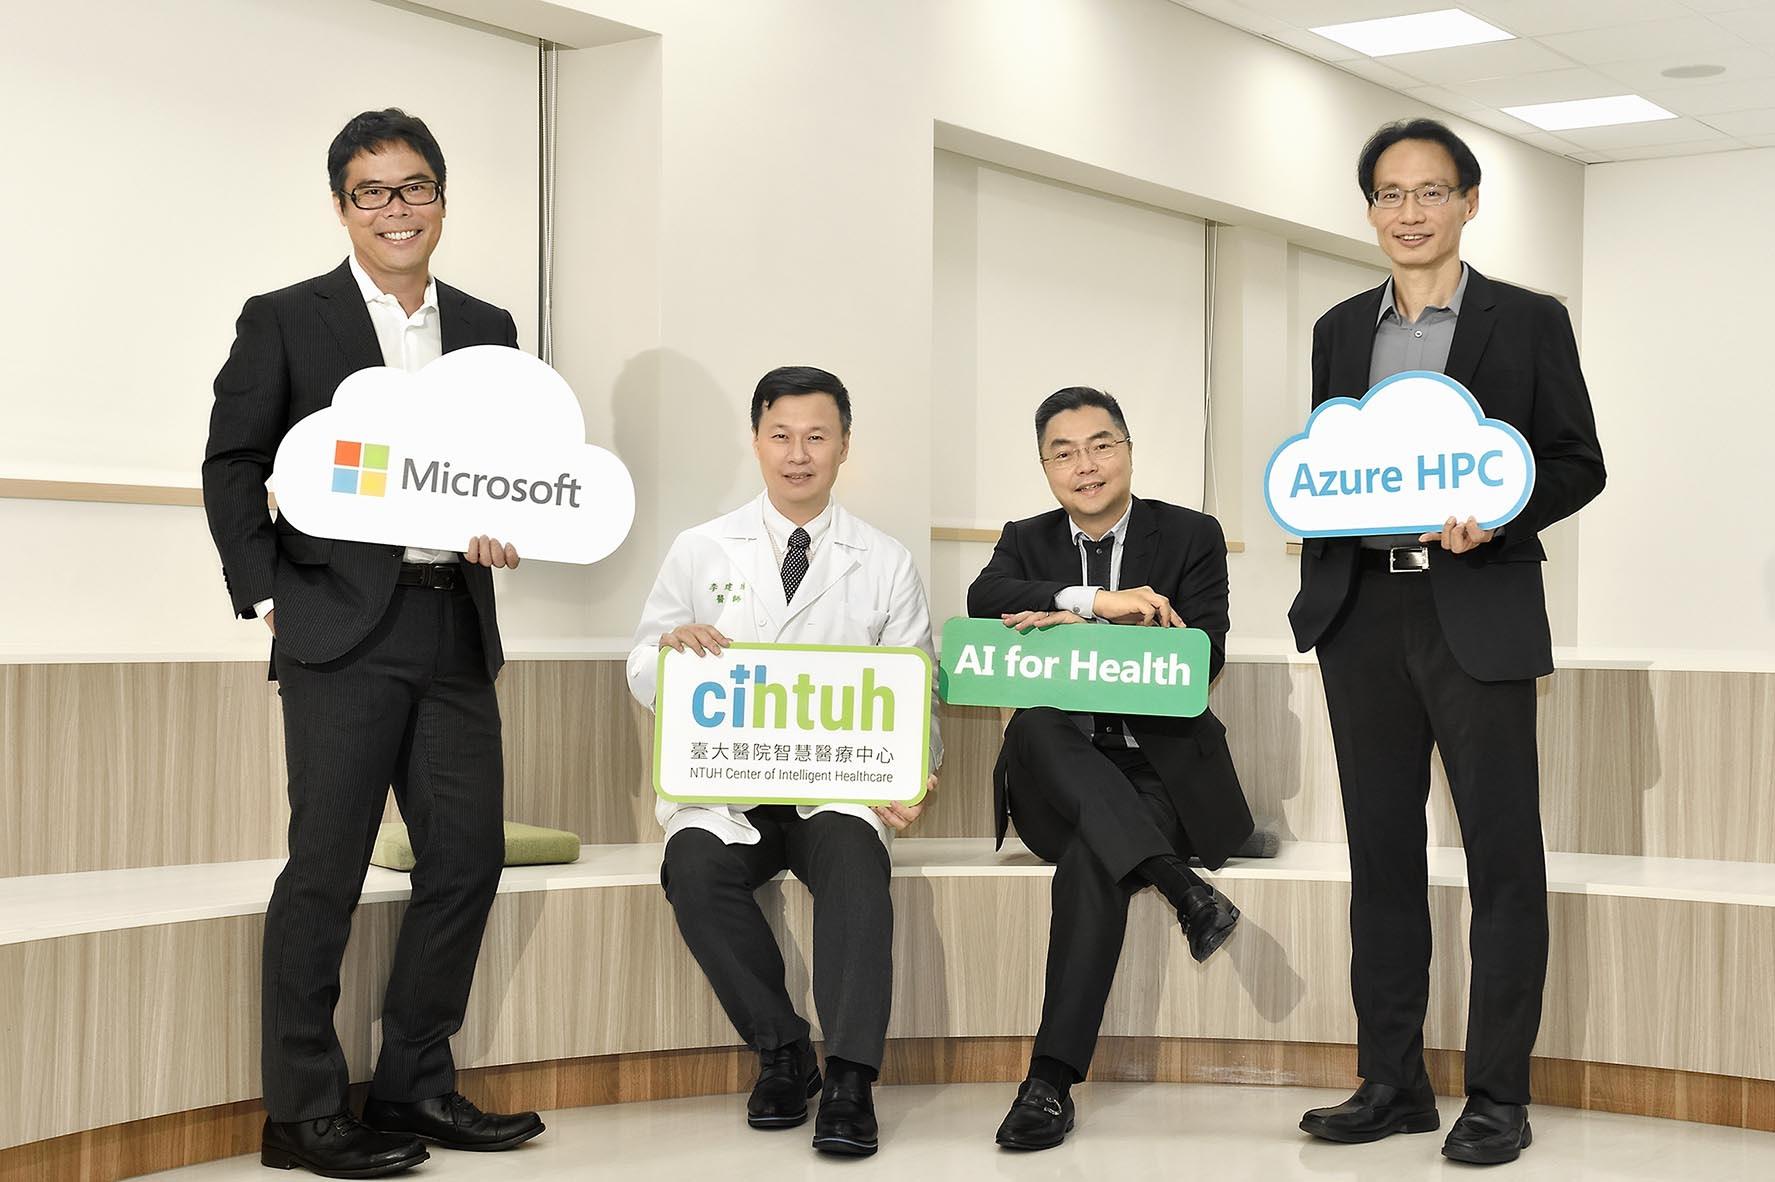 台大醫院獲微軟贊助 助力COVID-19患者基因分析研究